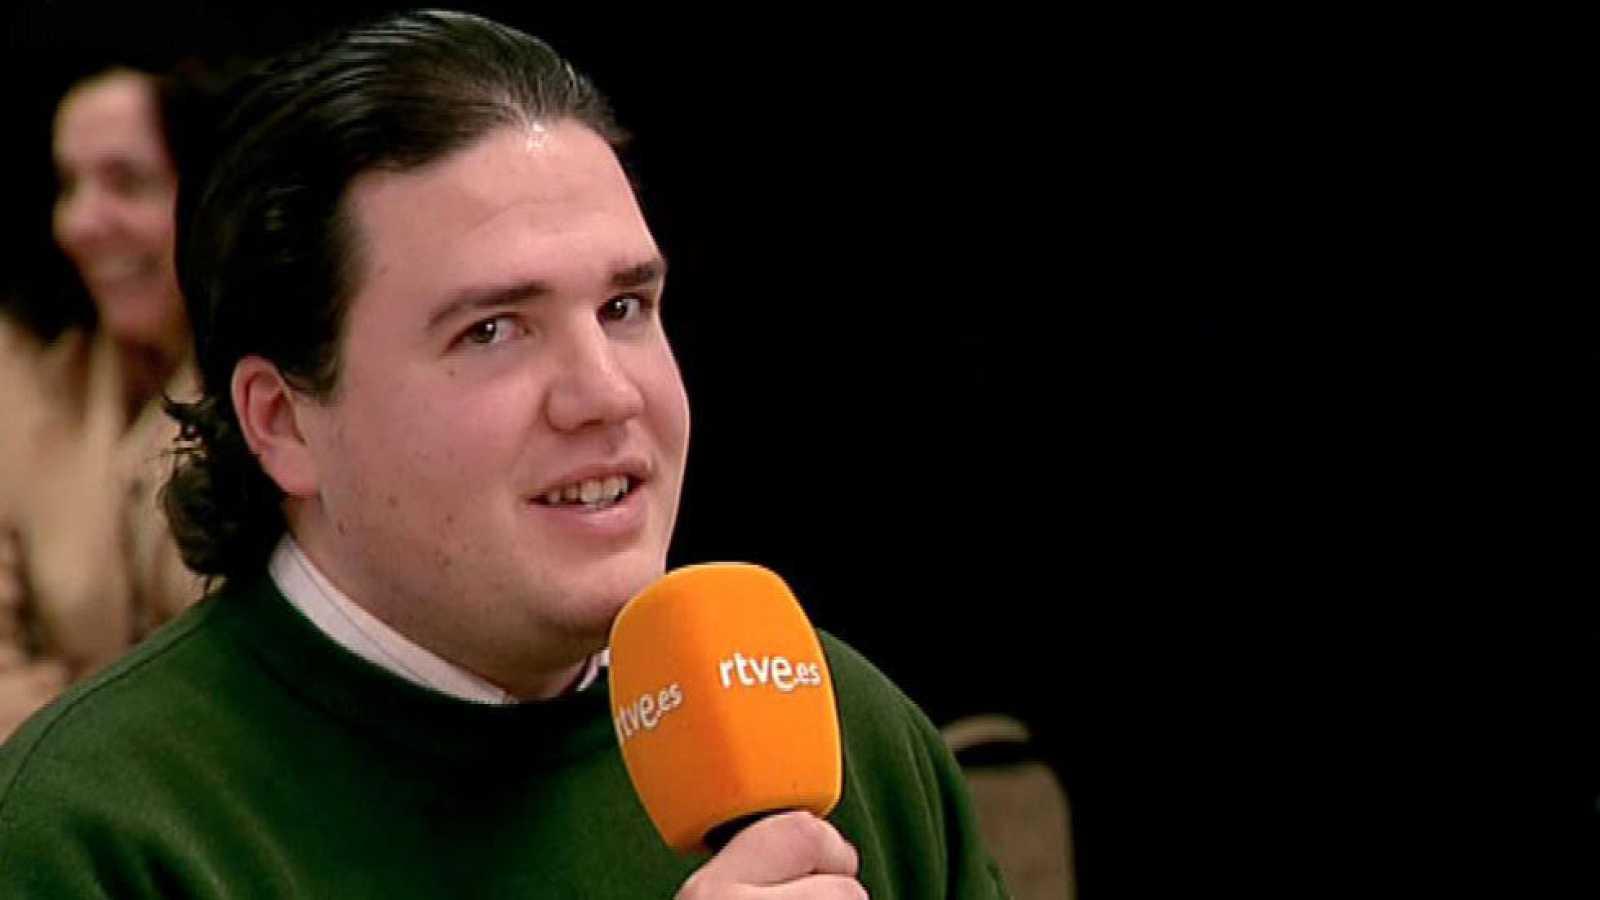 Nos vemos en las redes - Juan Antonio, el mayor fan de Imanol